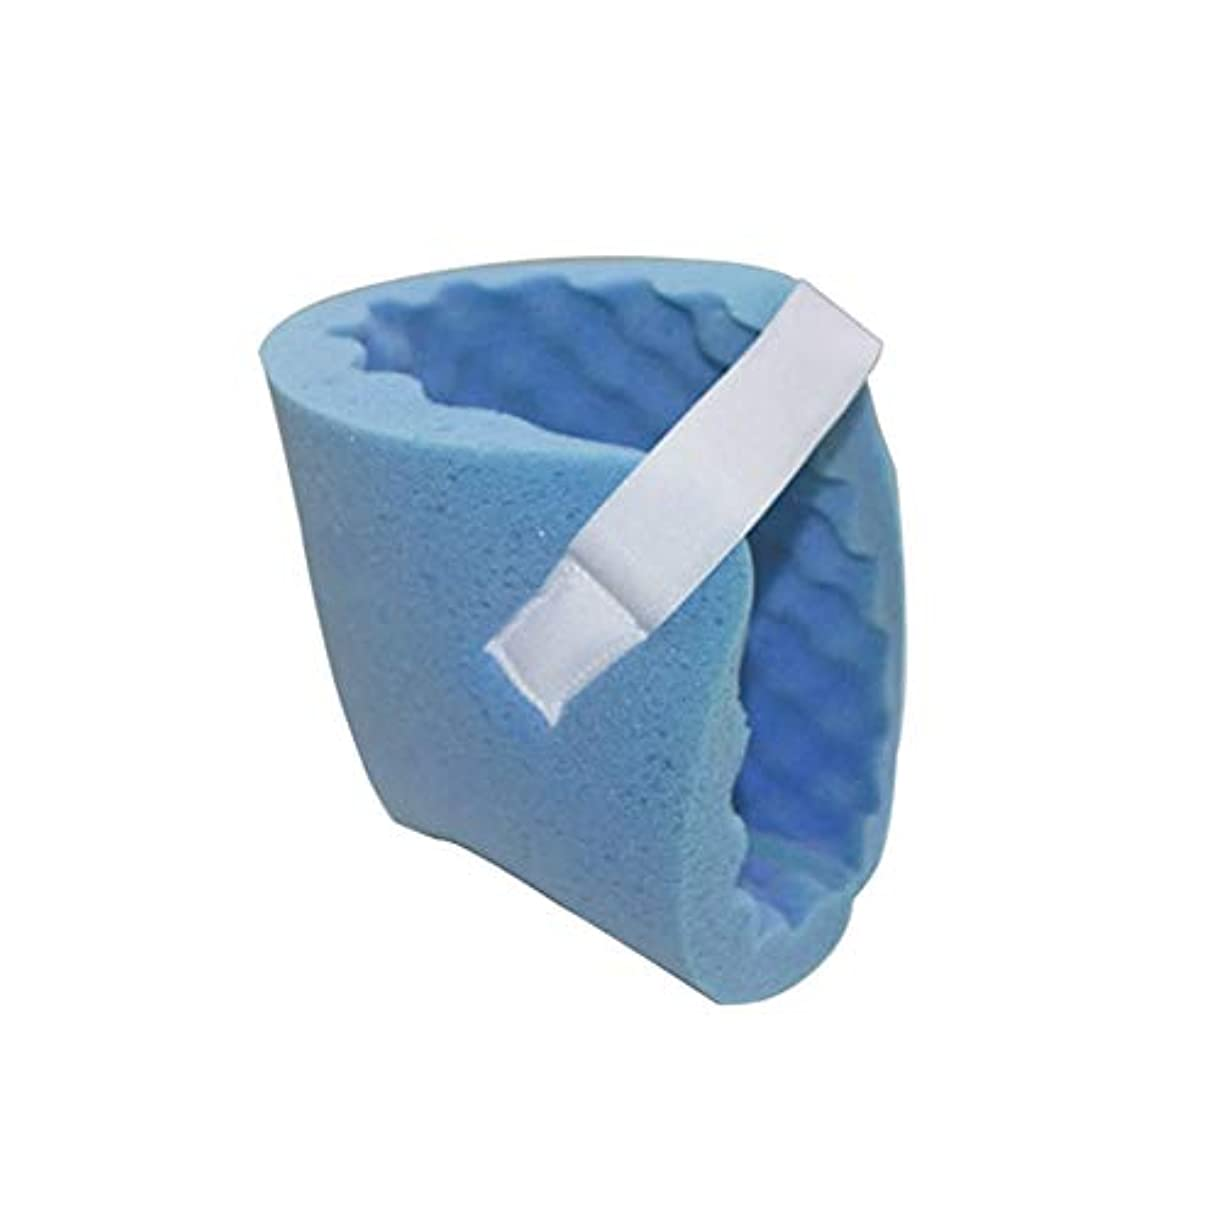 ラブサイレン誓いかかと抗Press瘡保護パッド、反De瘡通気性減圧波型かかとパッド、ケア用品